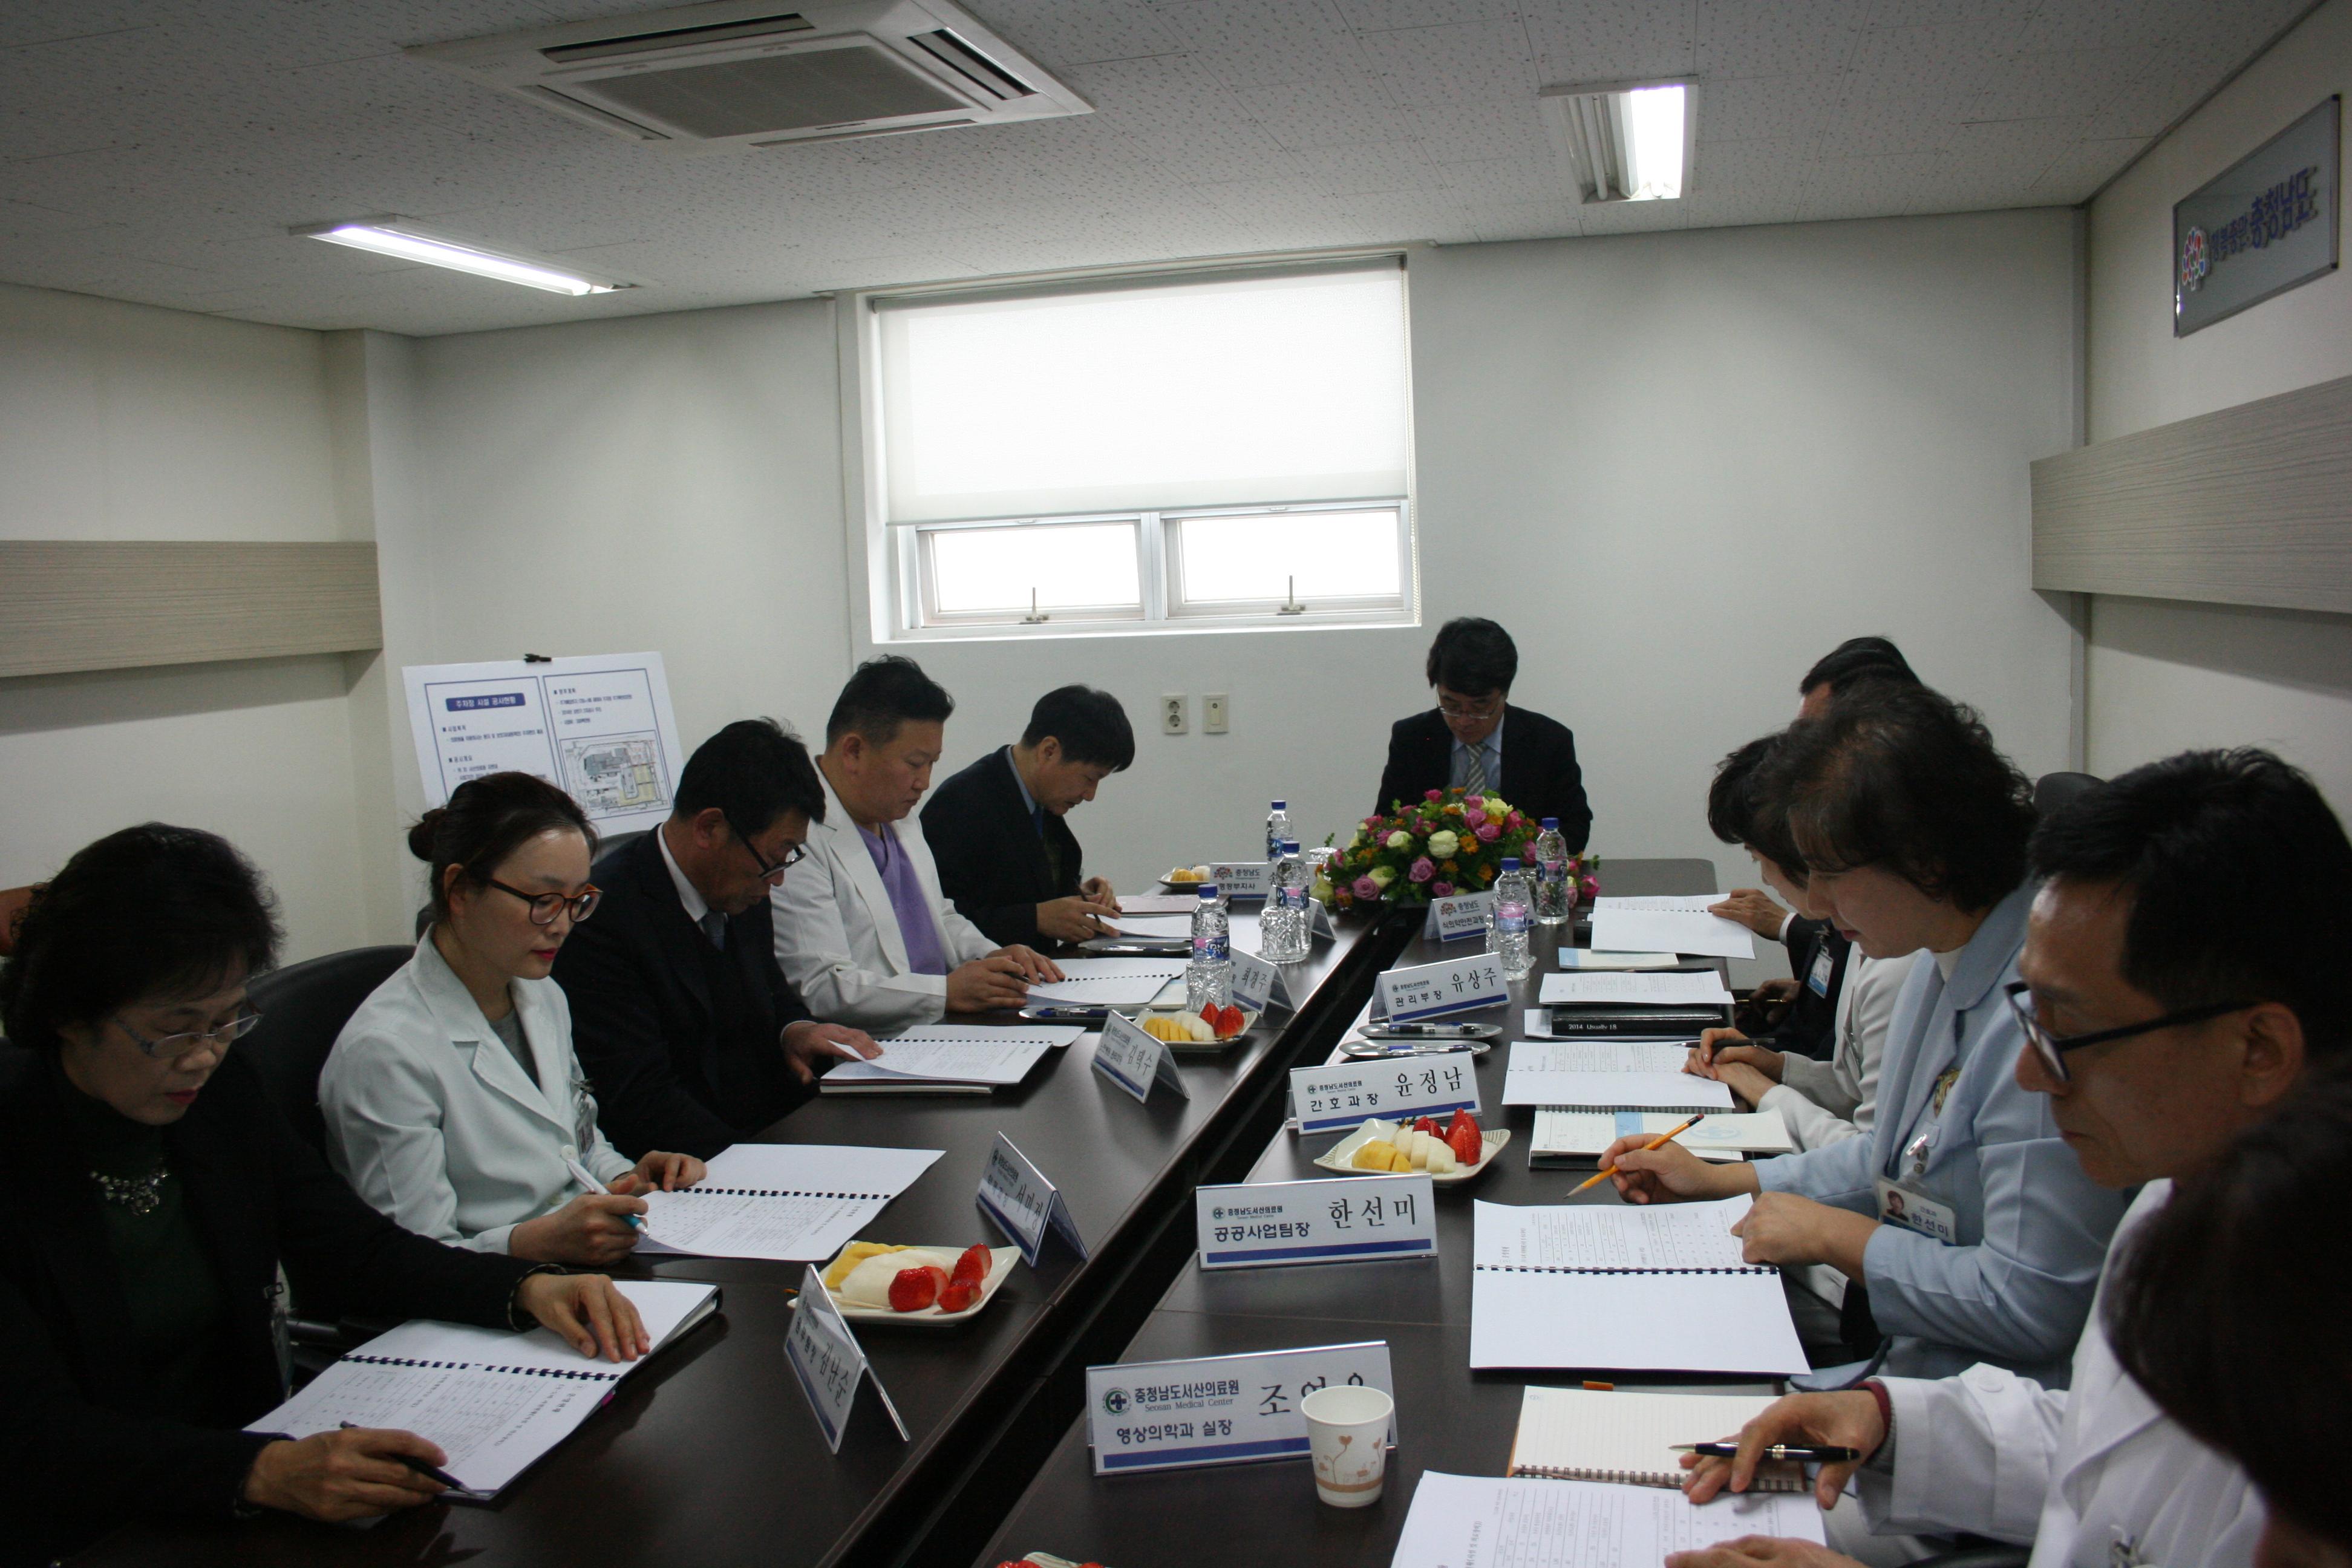 행정부지사와 회의